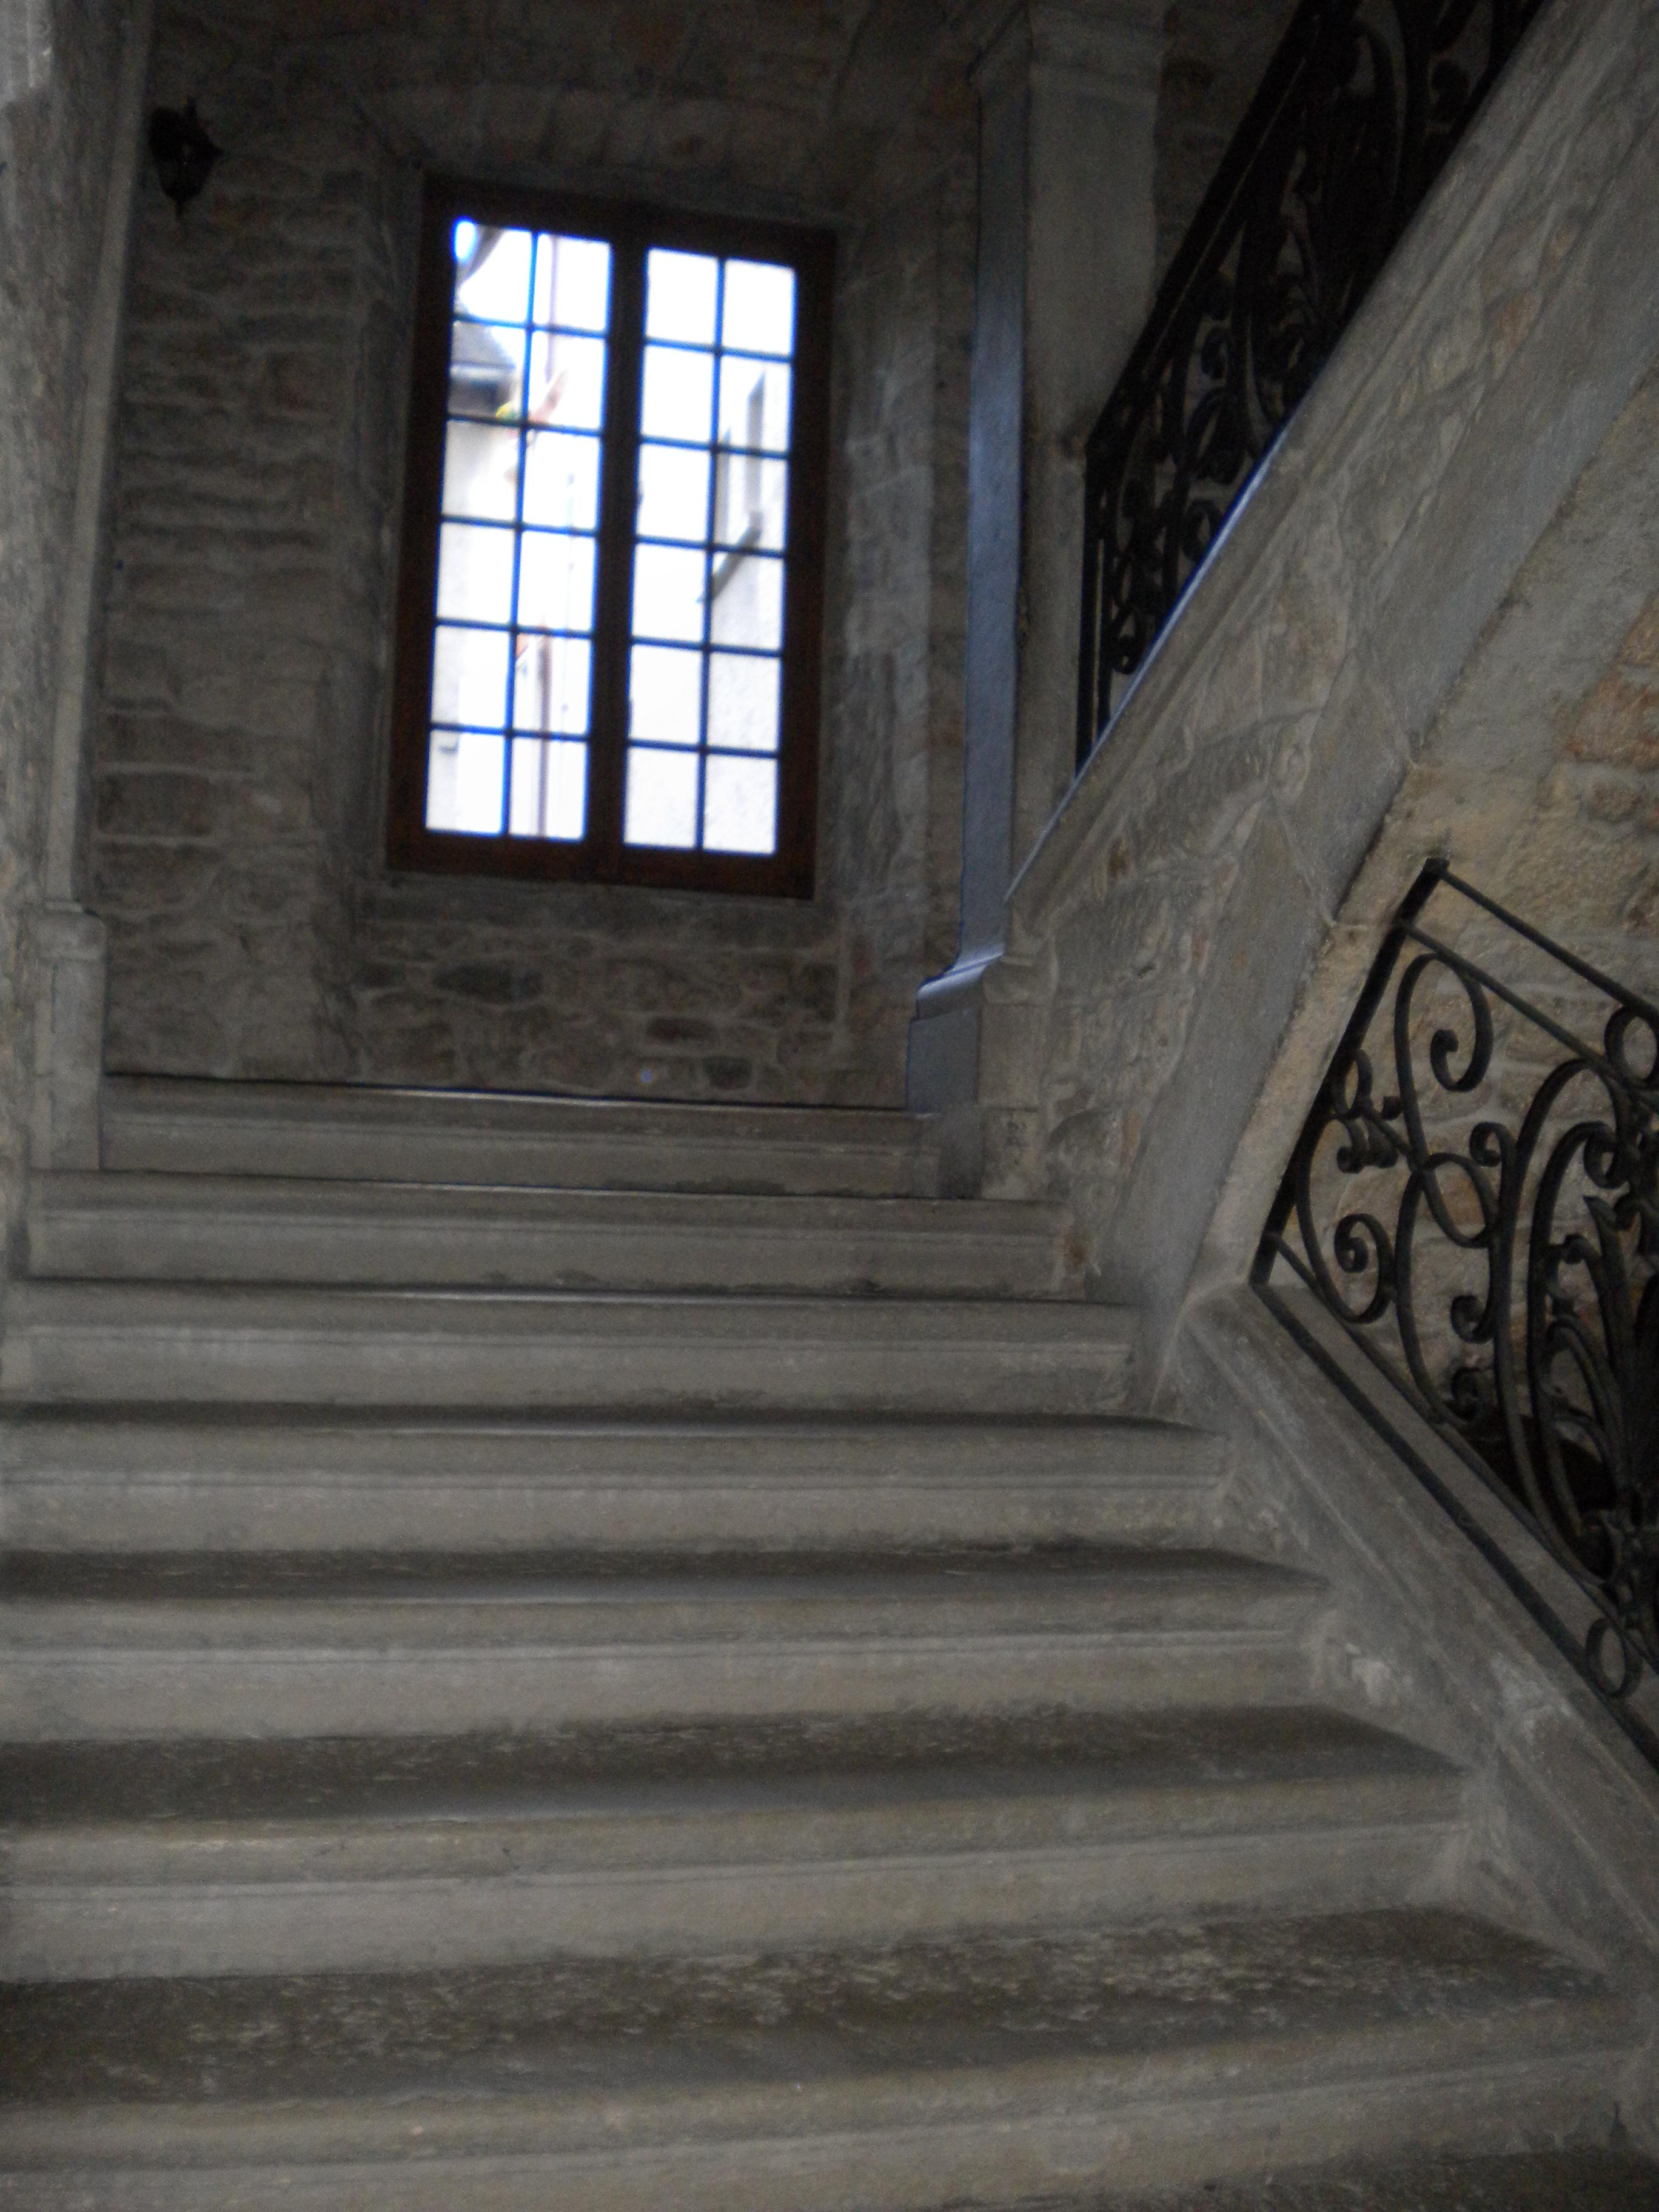 Filemende escalier intérieur maison malgoire de salles 02 jpg